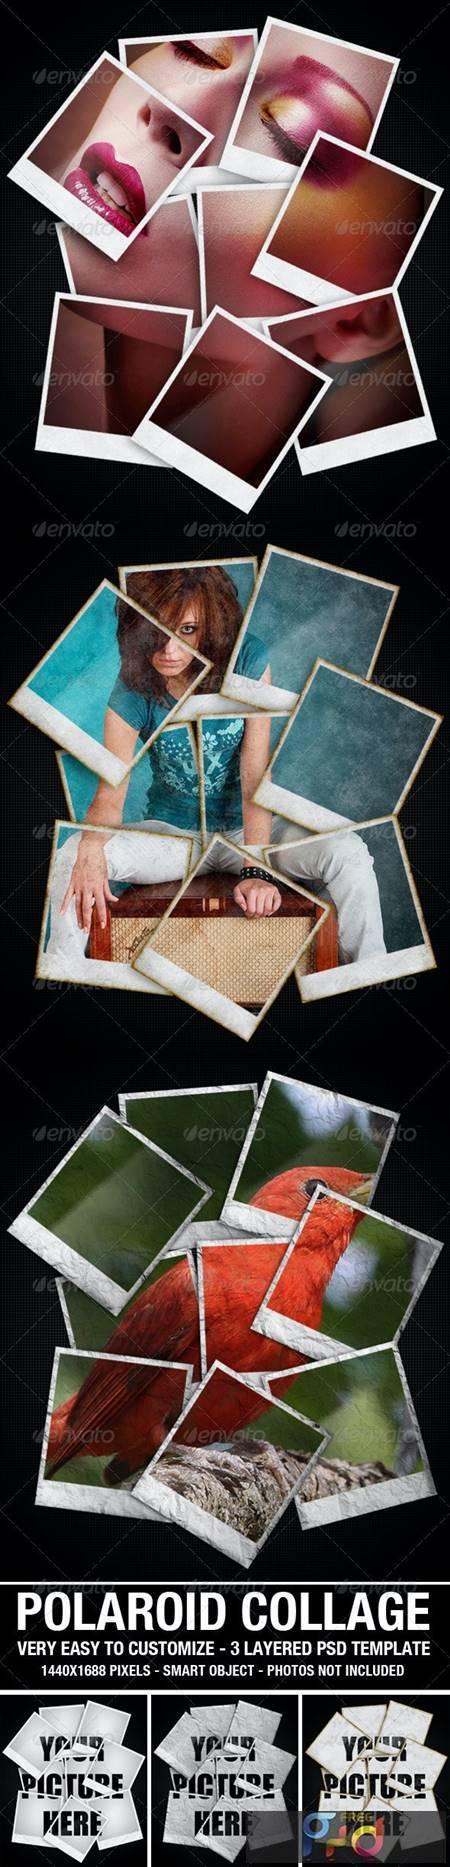 Polaroid Collage Photo Template 2627722 1